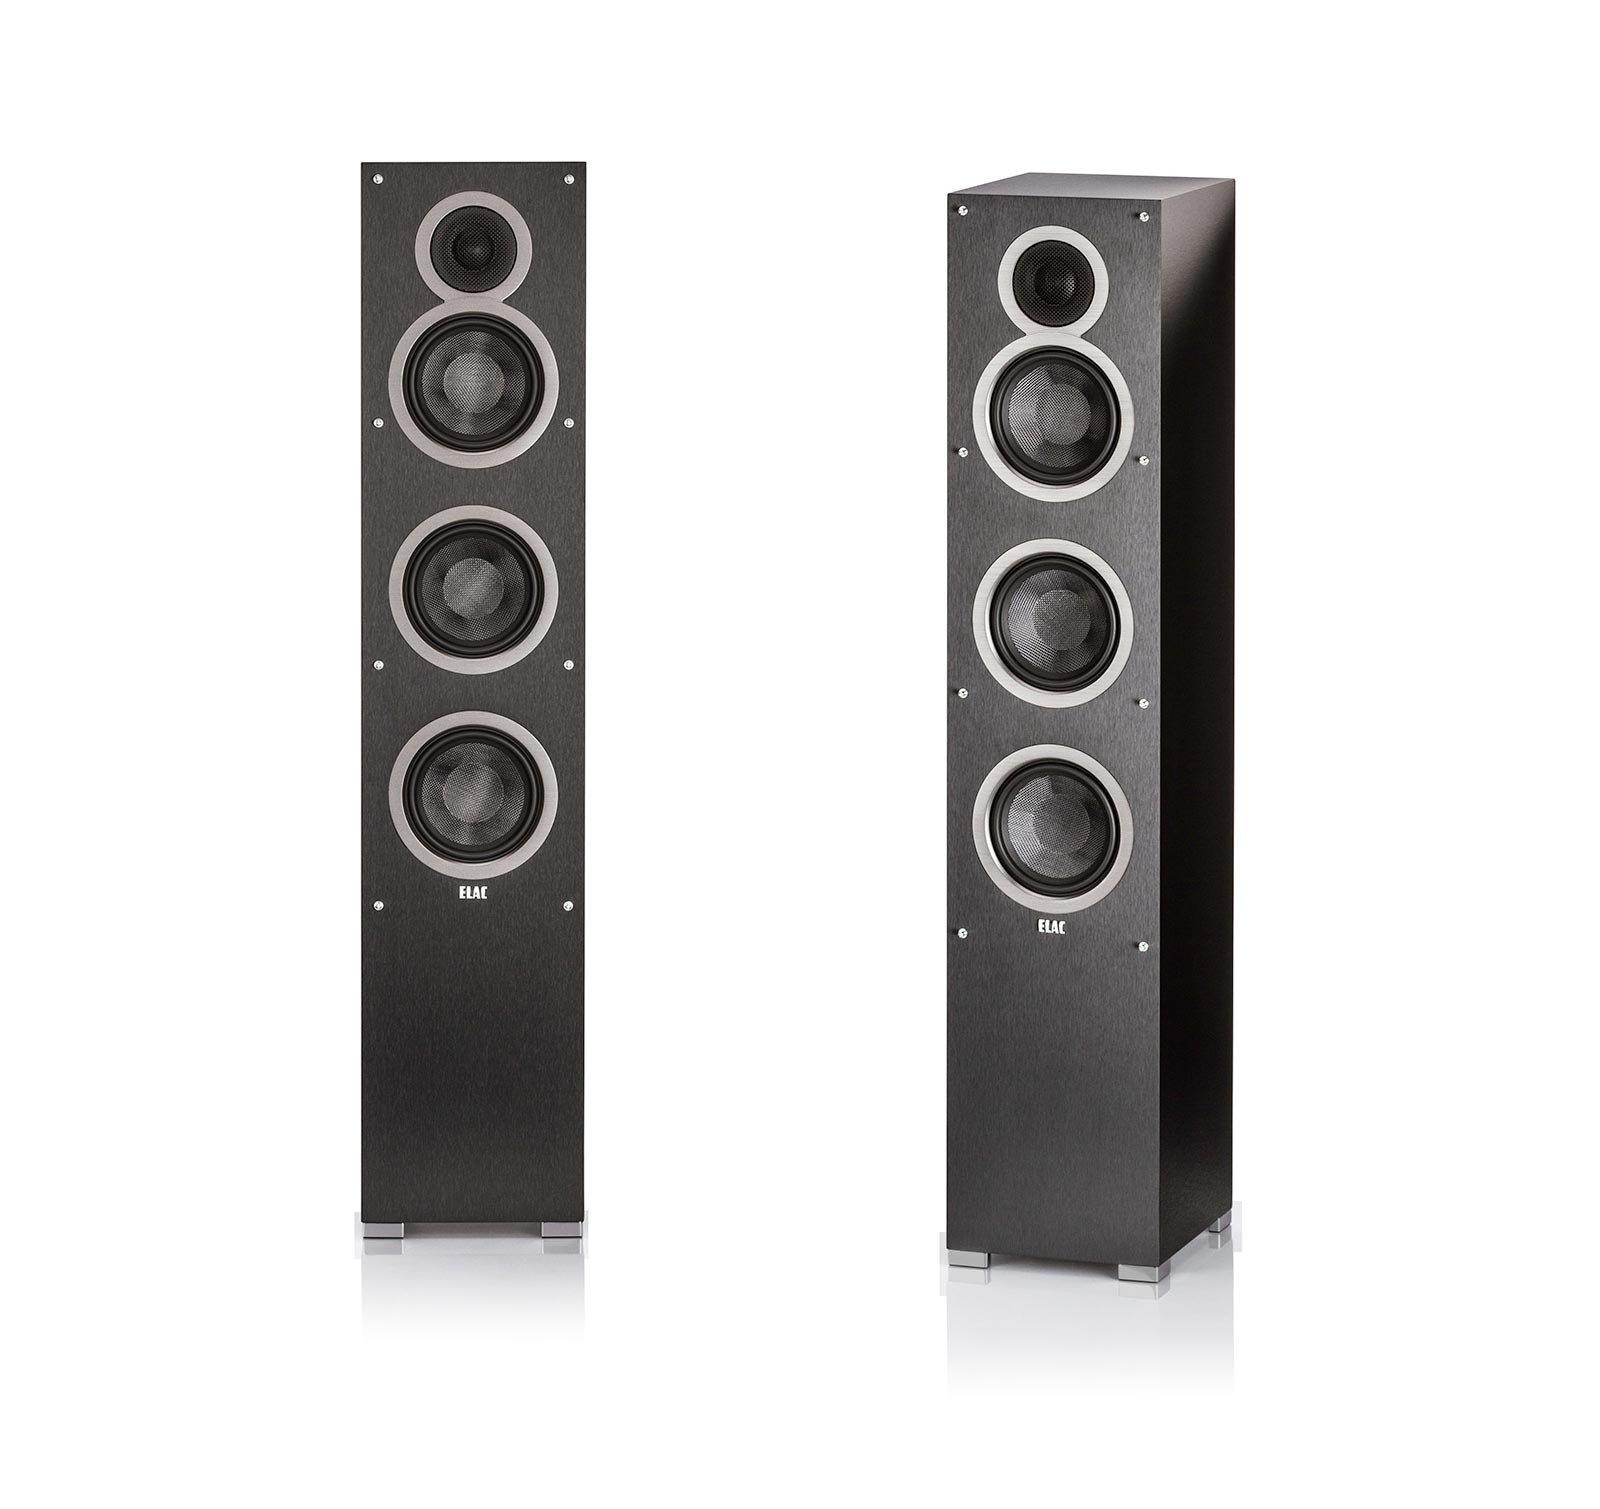 (1 Pair) ELAC - Debut F5 Tower Speakers (Each) Bundle by Elac